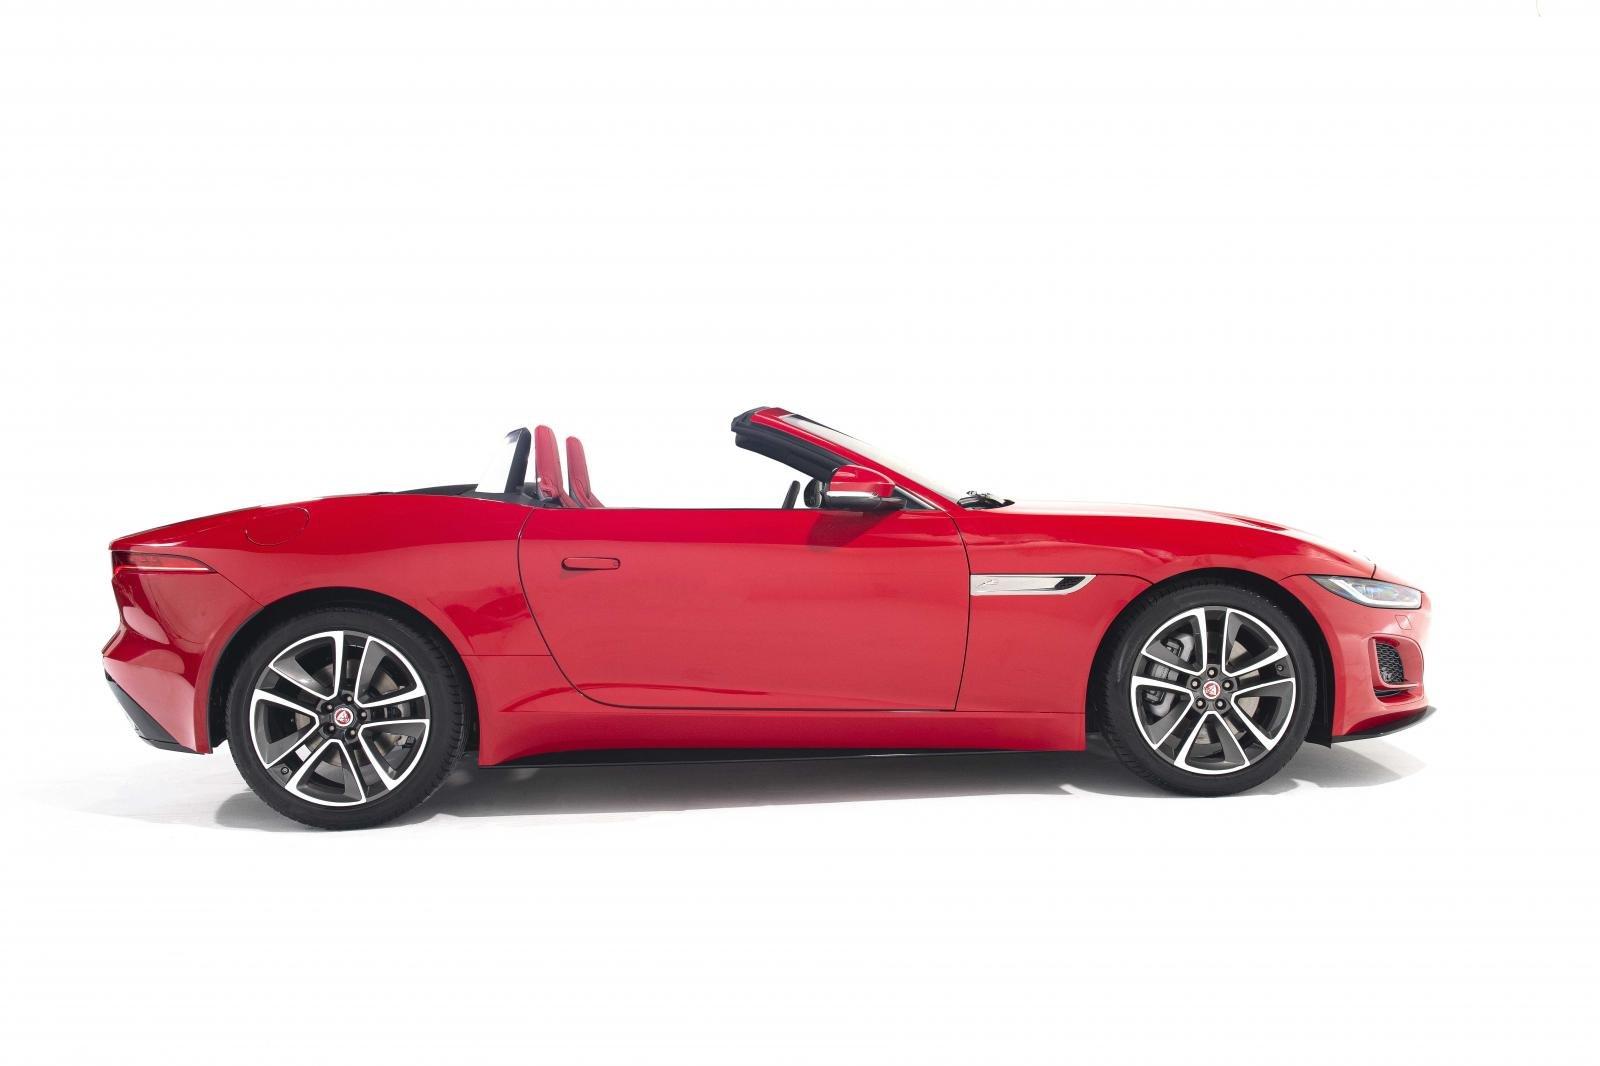 Jaguar F-Type mới mạnh mẽ và bắt mắt.